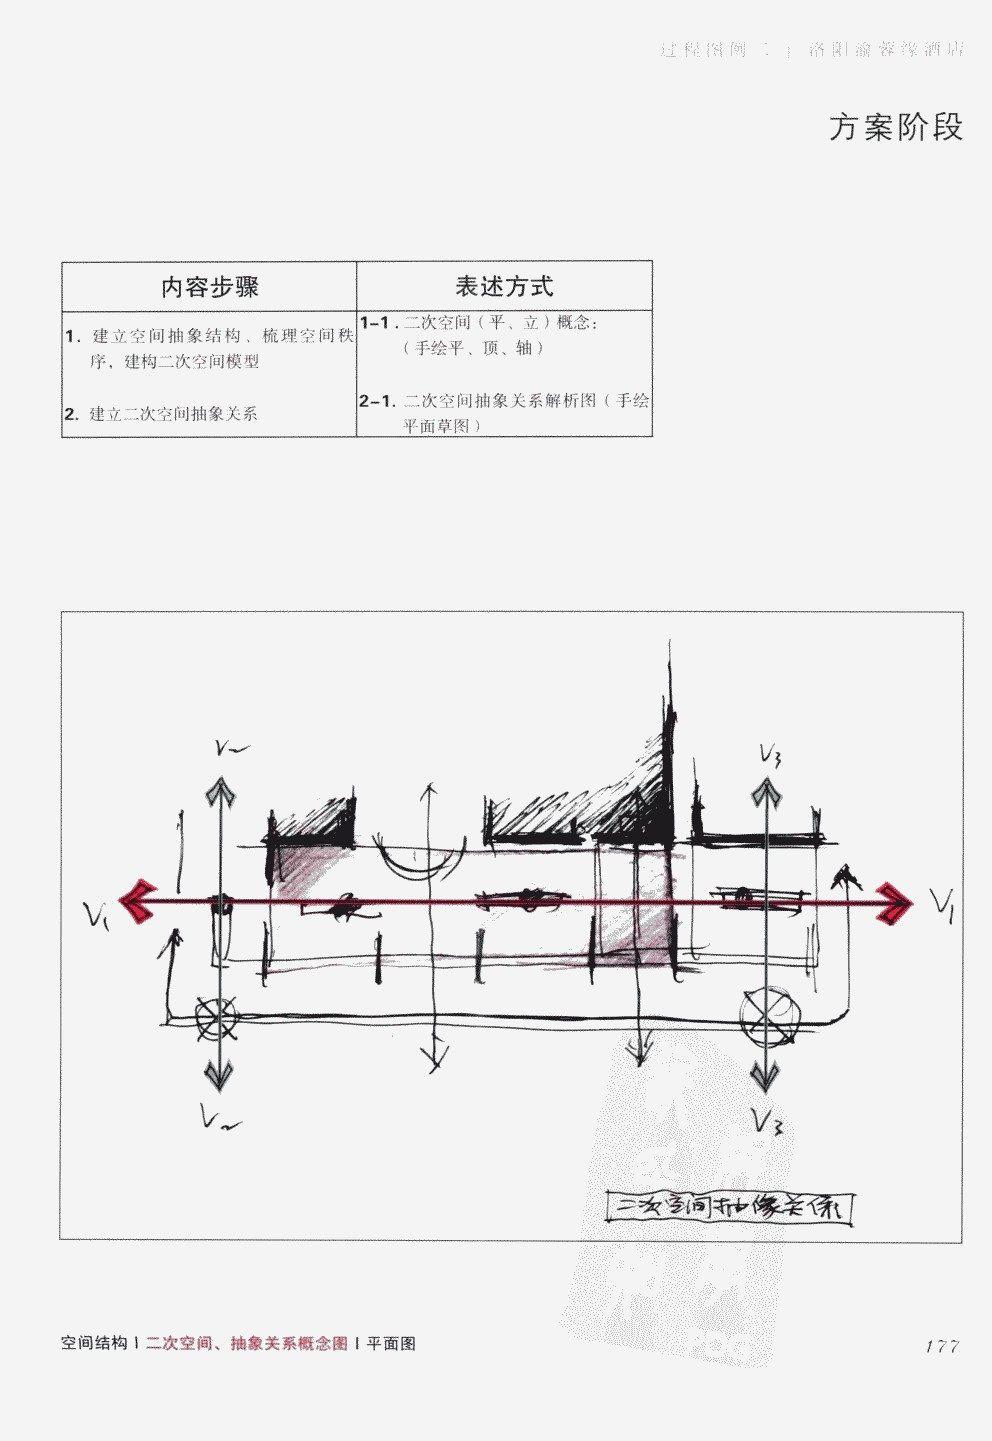 室内设计纲要++概念思考与过程表达_室内设计纲要  概念思考与过程表达_1297982..._页面_185.jpg